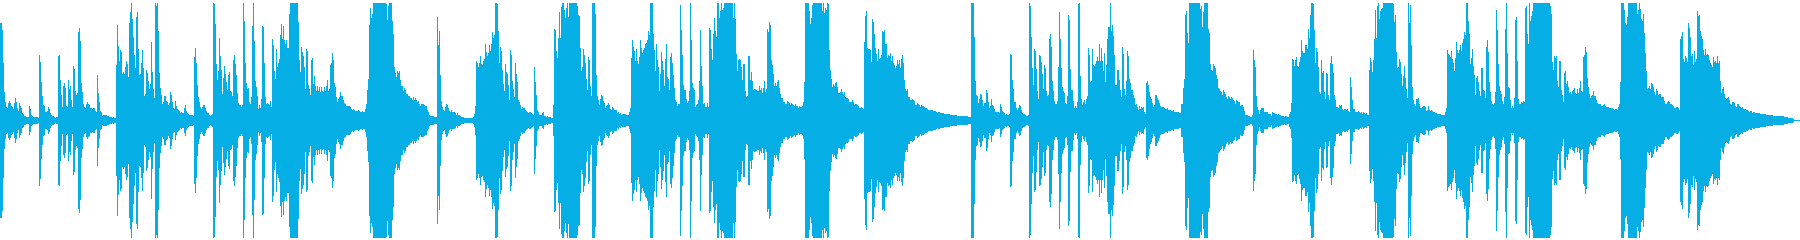 コミカルで軽快な不思議系BGMの再生済みの波形